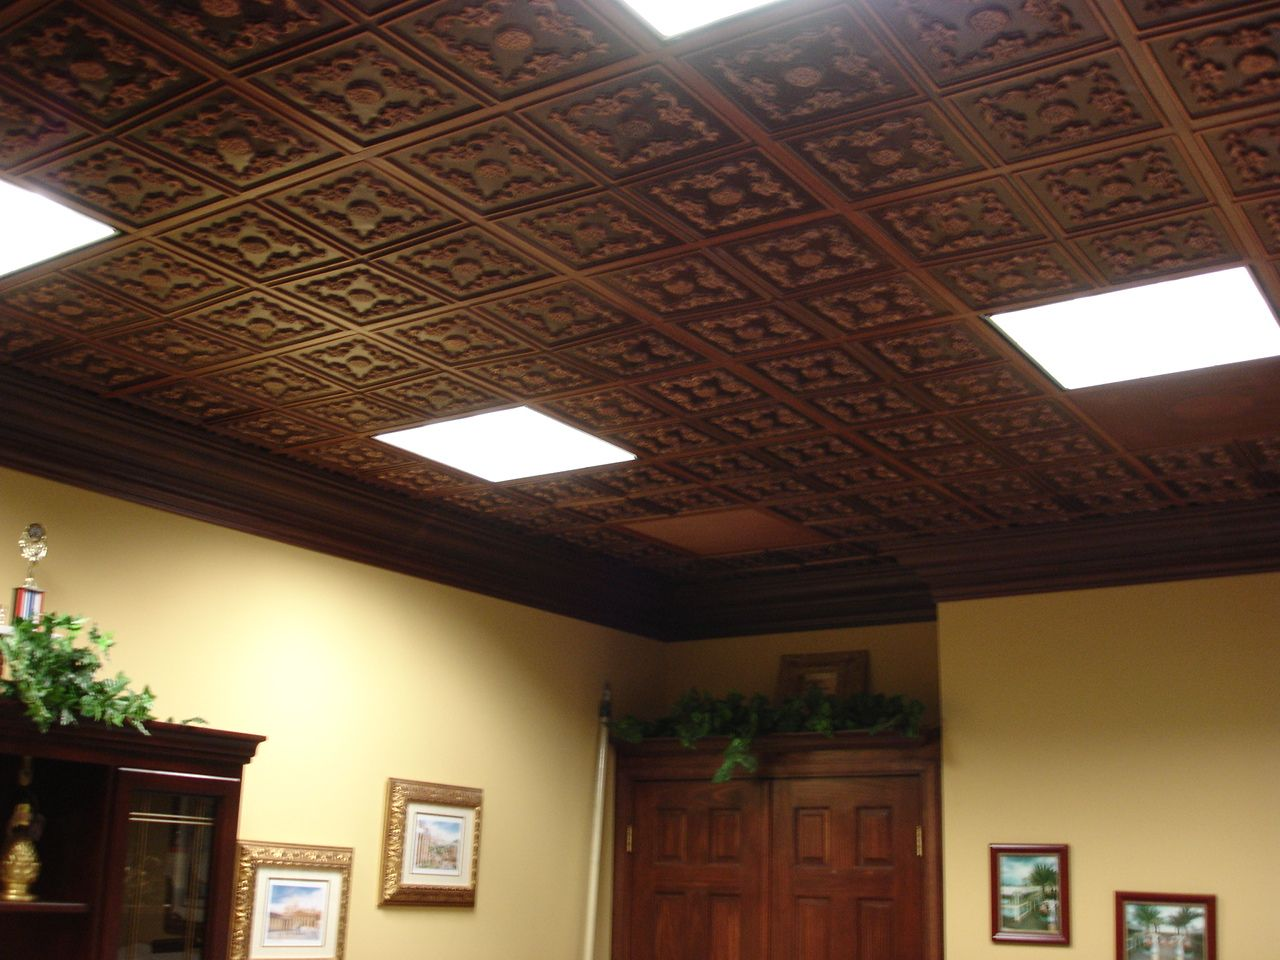 Le chateau faux tin ceiling tile glue up 24x24 130 le chateau faux tin ceiling tile glue up 24x24 130 dailygadgetfo Images